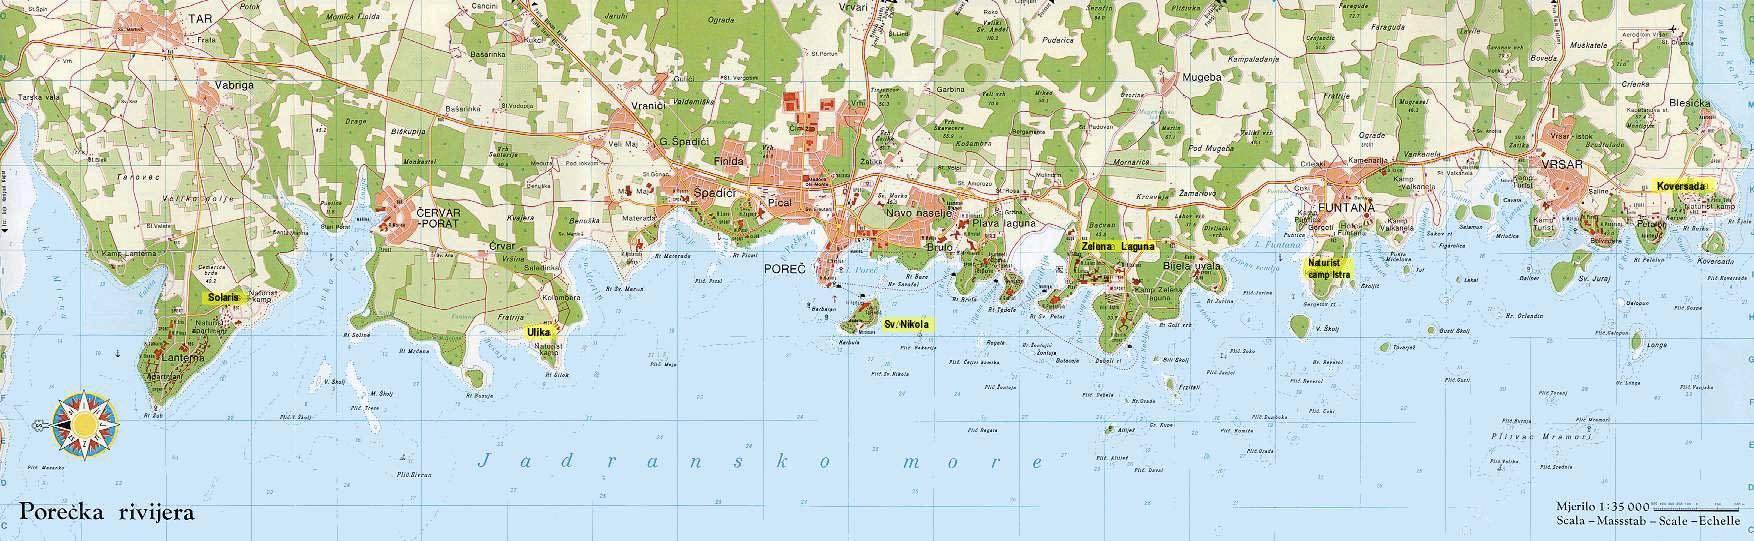 Istrien Karte Zum Ausdrucken.Stadtplan Von Porec Detaillierte Gedruckte Karten Von